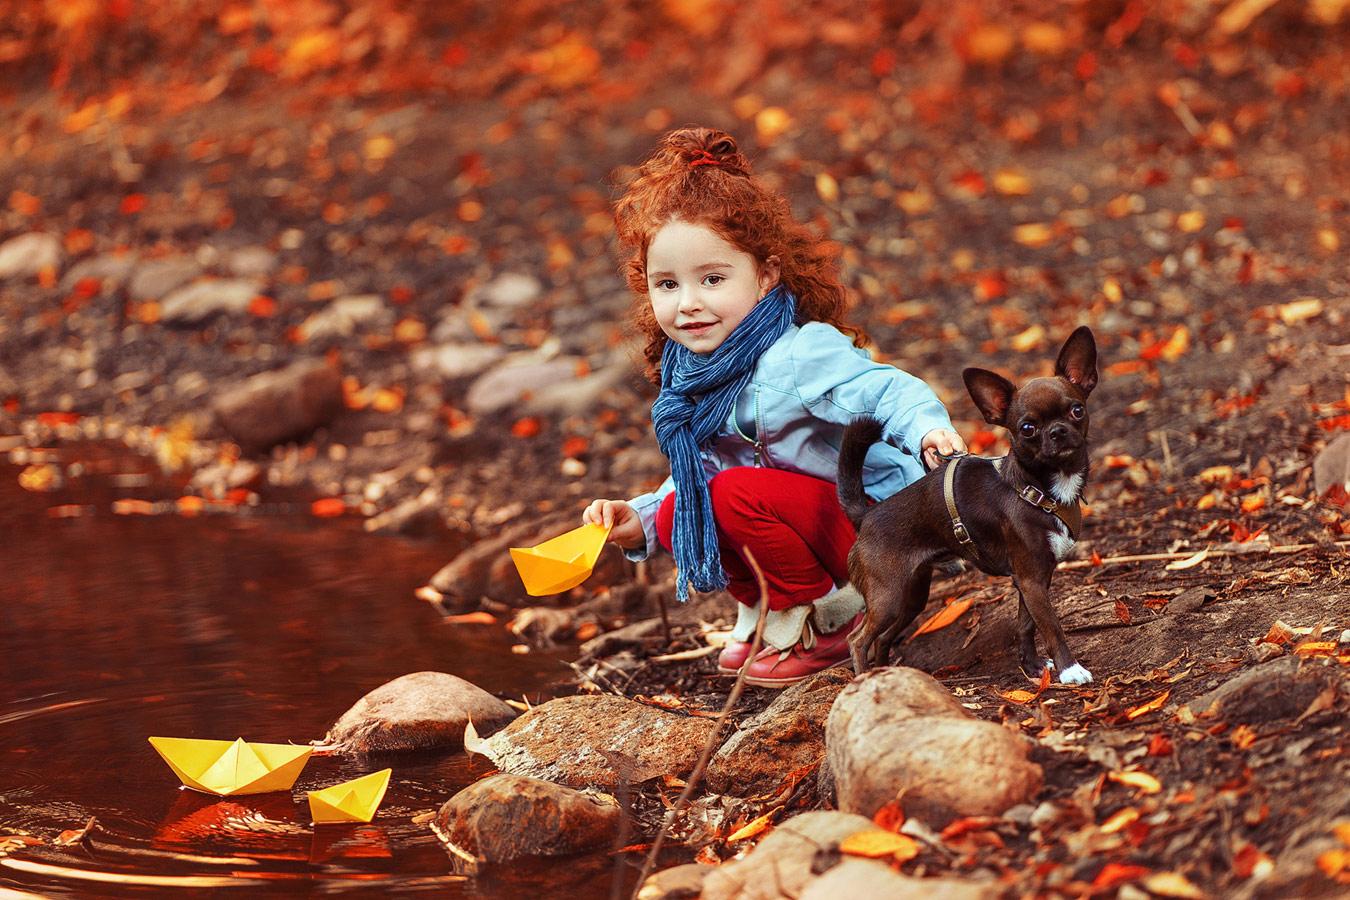 Осенняя прогулка, © Ольга Шулина, Фотоконкурс «Осенний портрет»